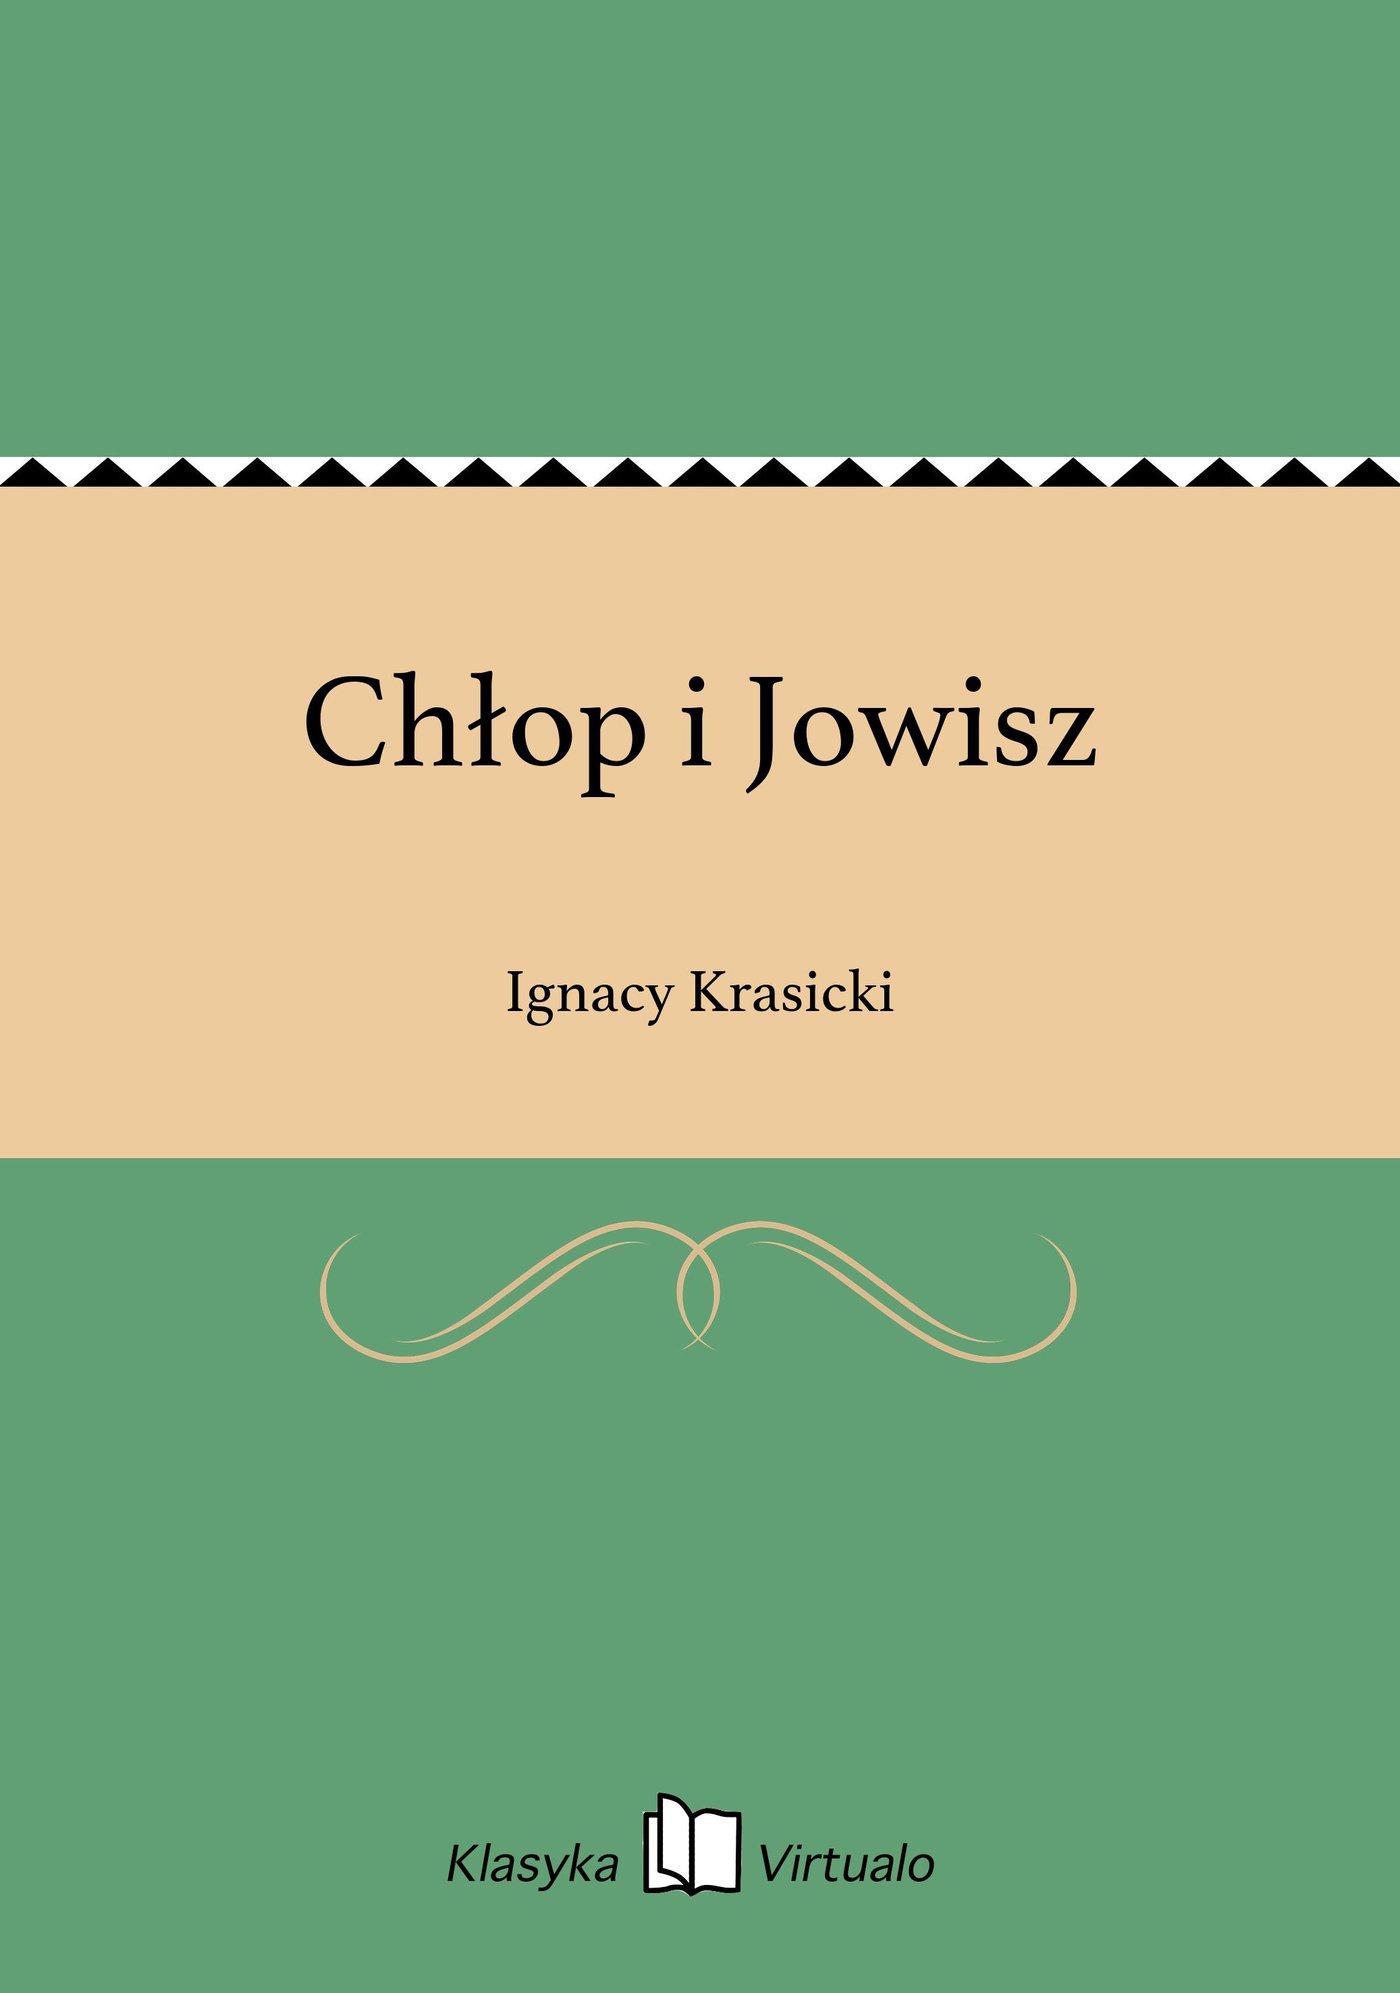 Chłop i Jowisz - Ebook (Książka EPUB) do pobrania w formacie EPUB